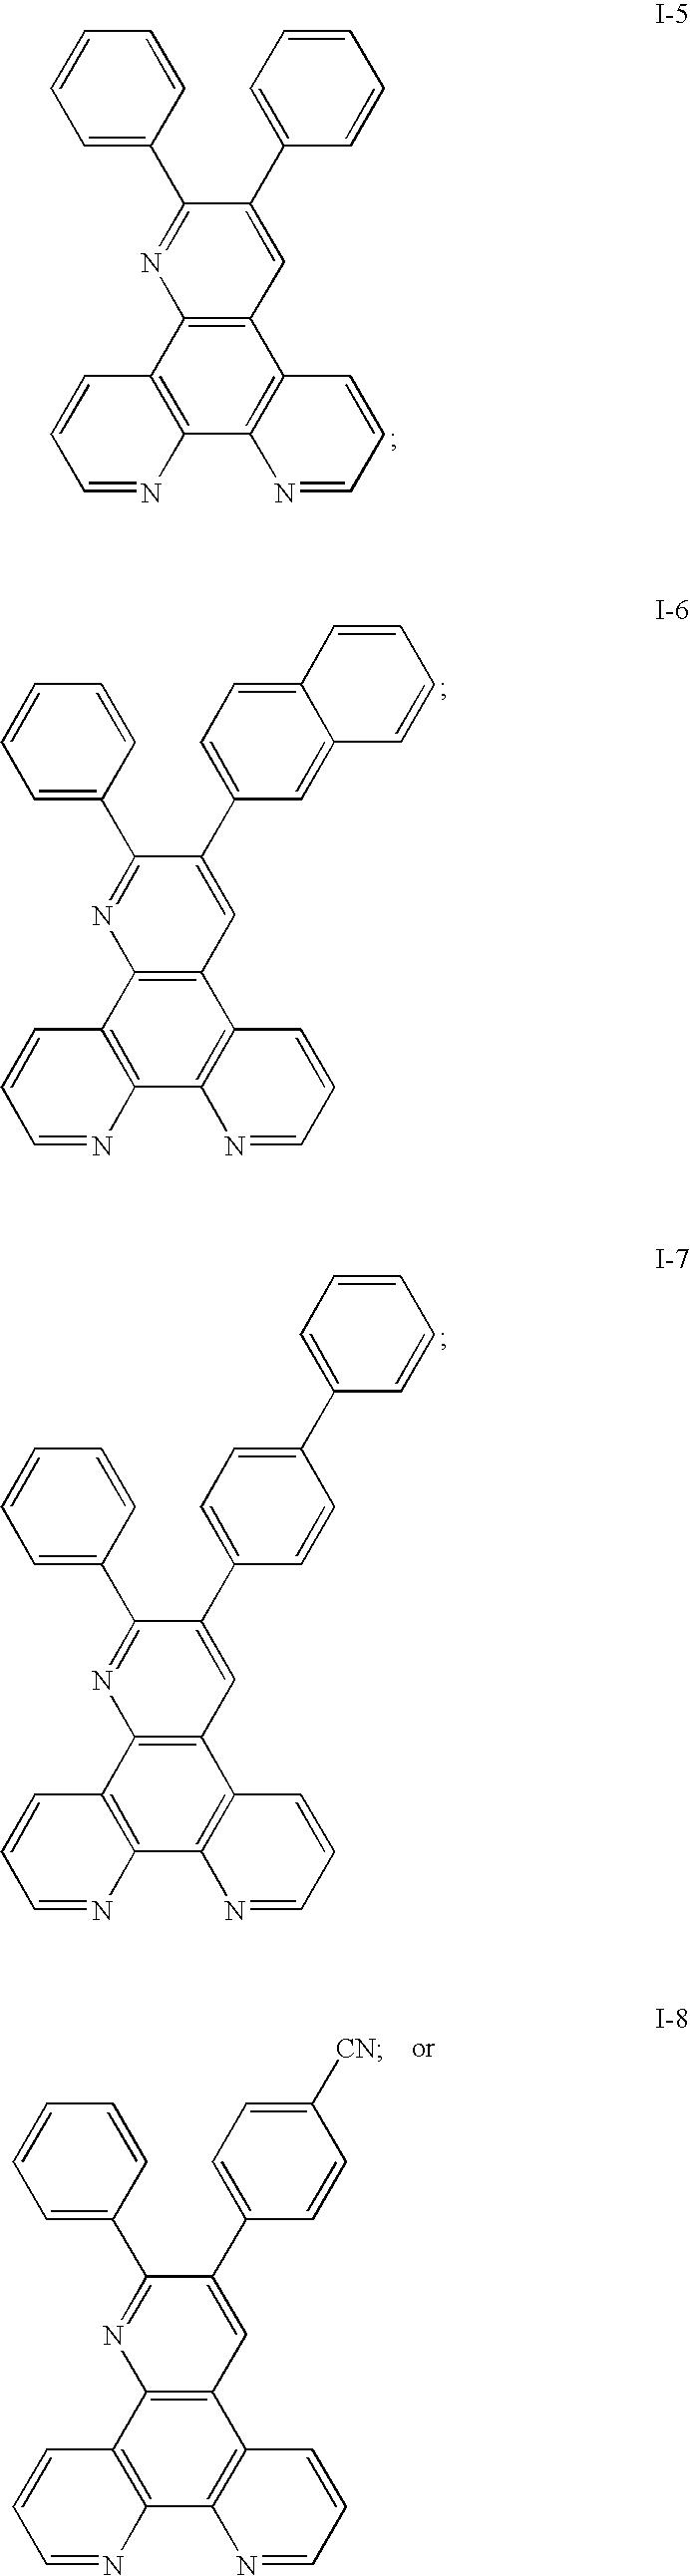 Figure US20090115316A1-20090507-C00052